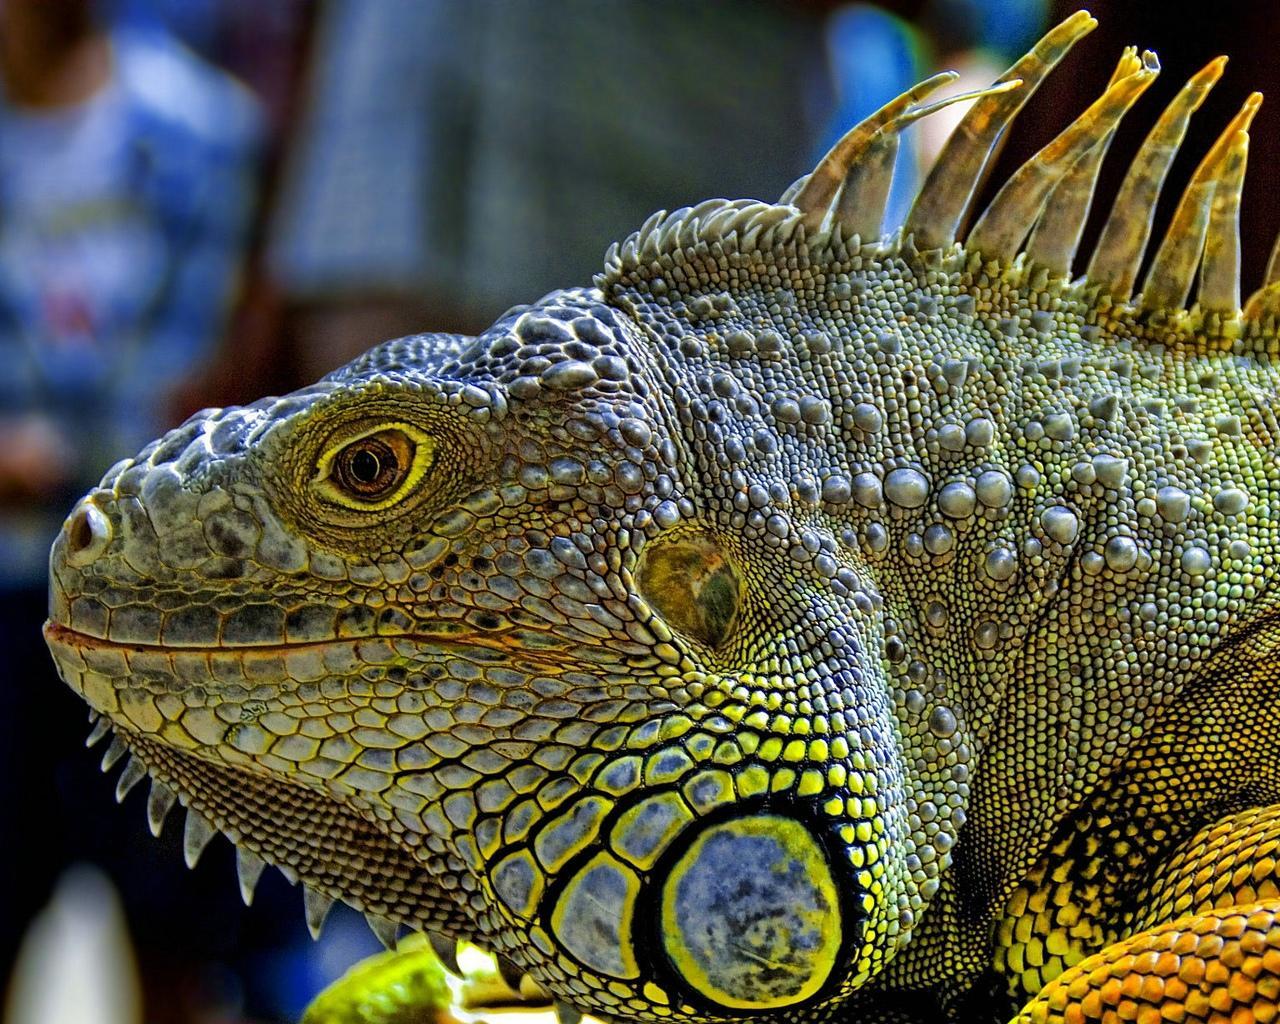 http://2.bp.blogspot.com/-0JvD0qLVi9o/T-bpnV2ujtI/AAAAAAAACvY/1Wp68cTEc_s/s1600/iguana.jpeg